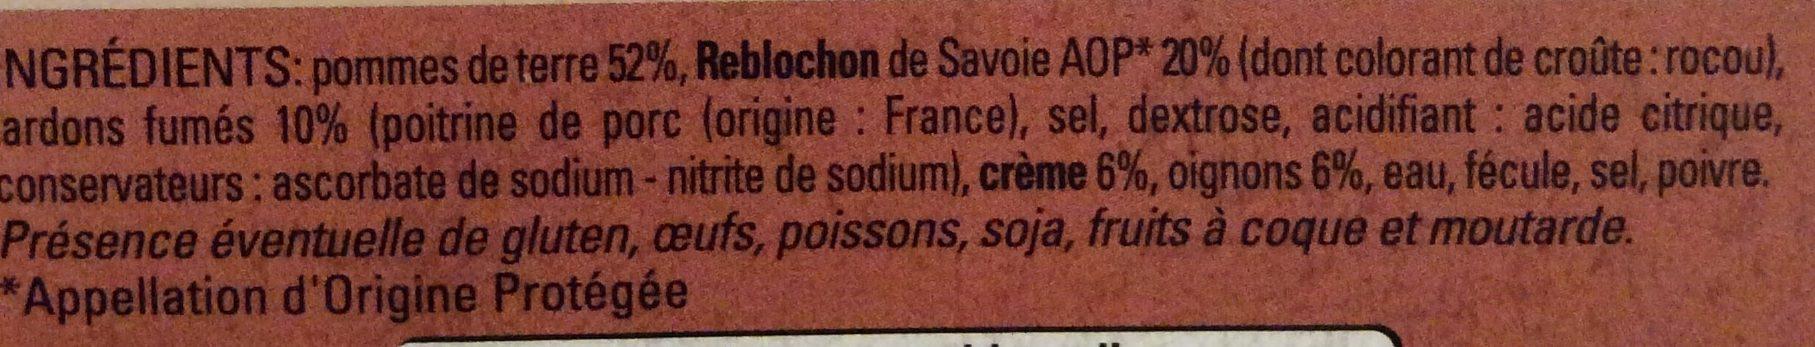 Tartiflette au Reblochon de Savoie - Ingrediënten